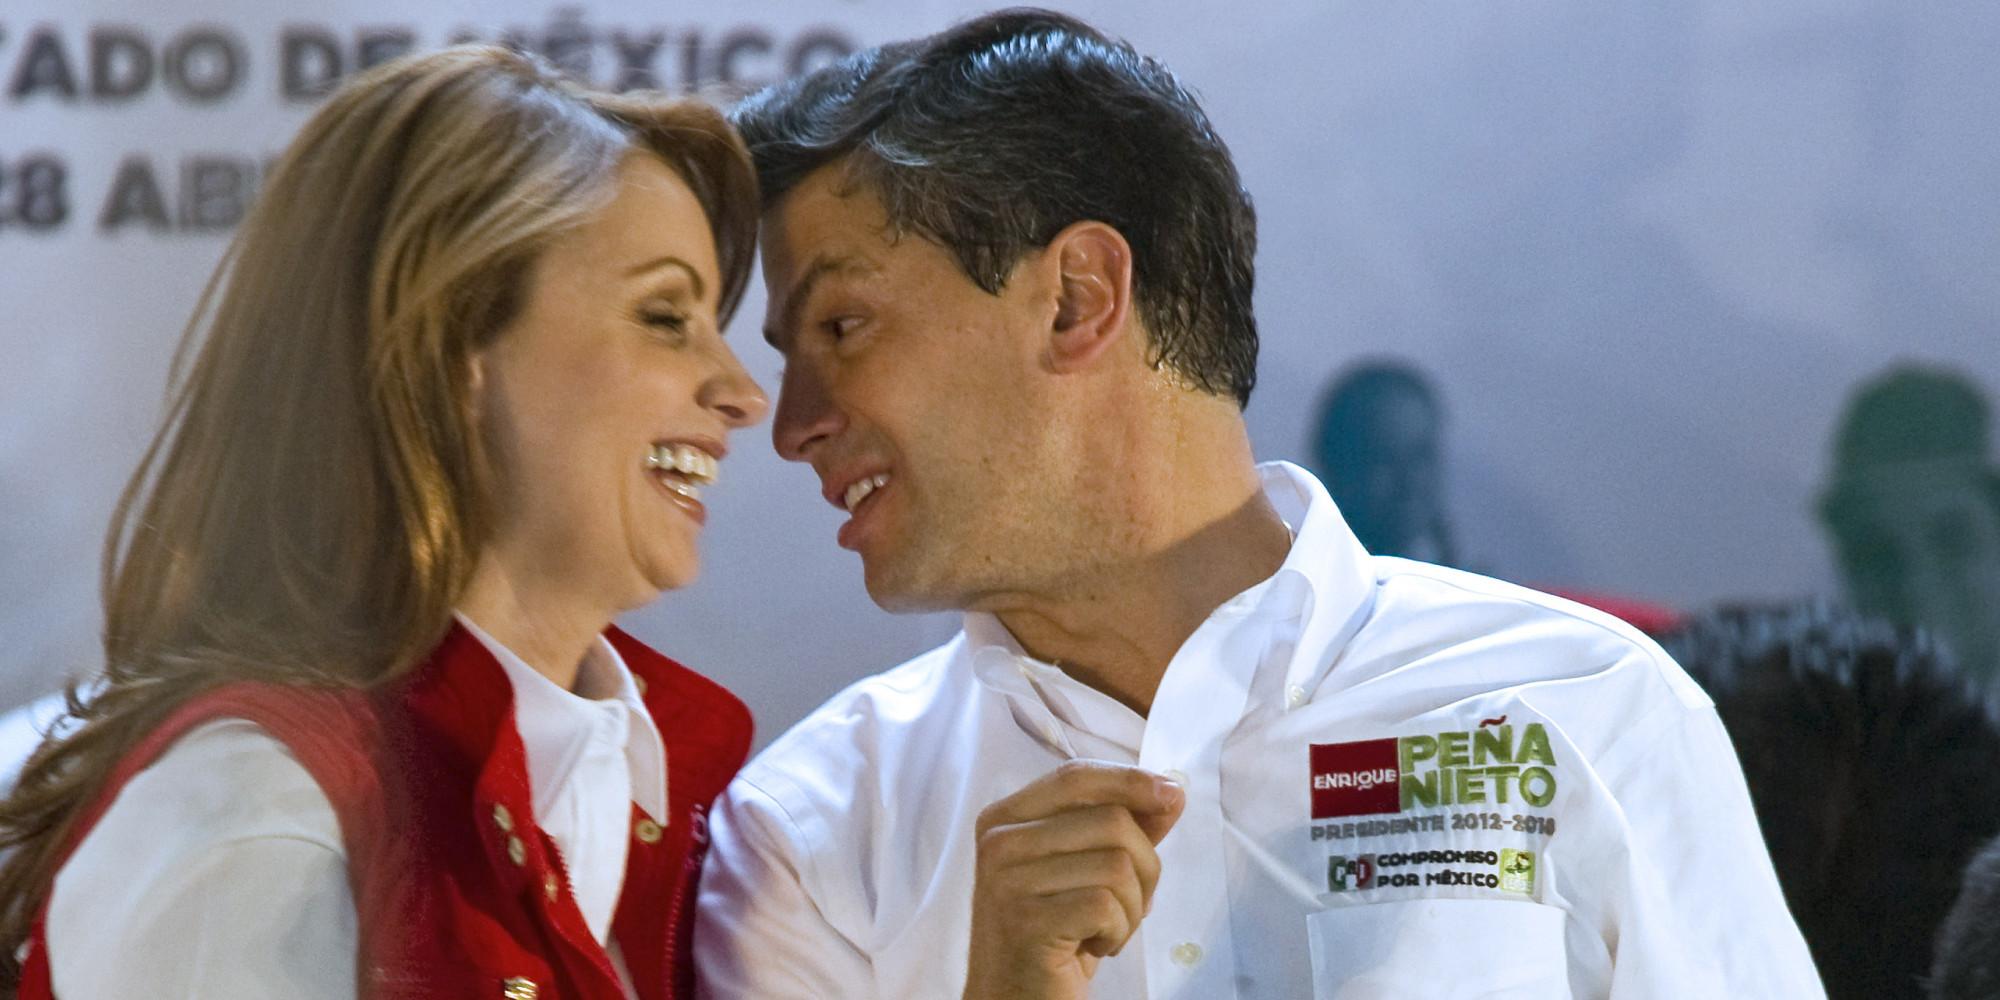 Anglica Rivera ya casada con Pea Nieto liquid una hipoteca de 13 millones de dlares en Miami Univision  HuffPost